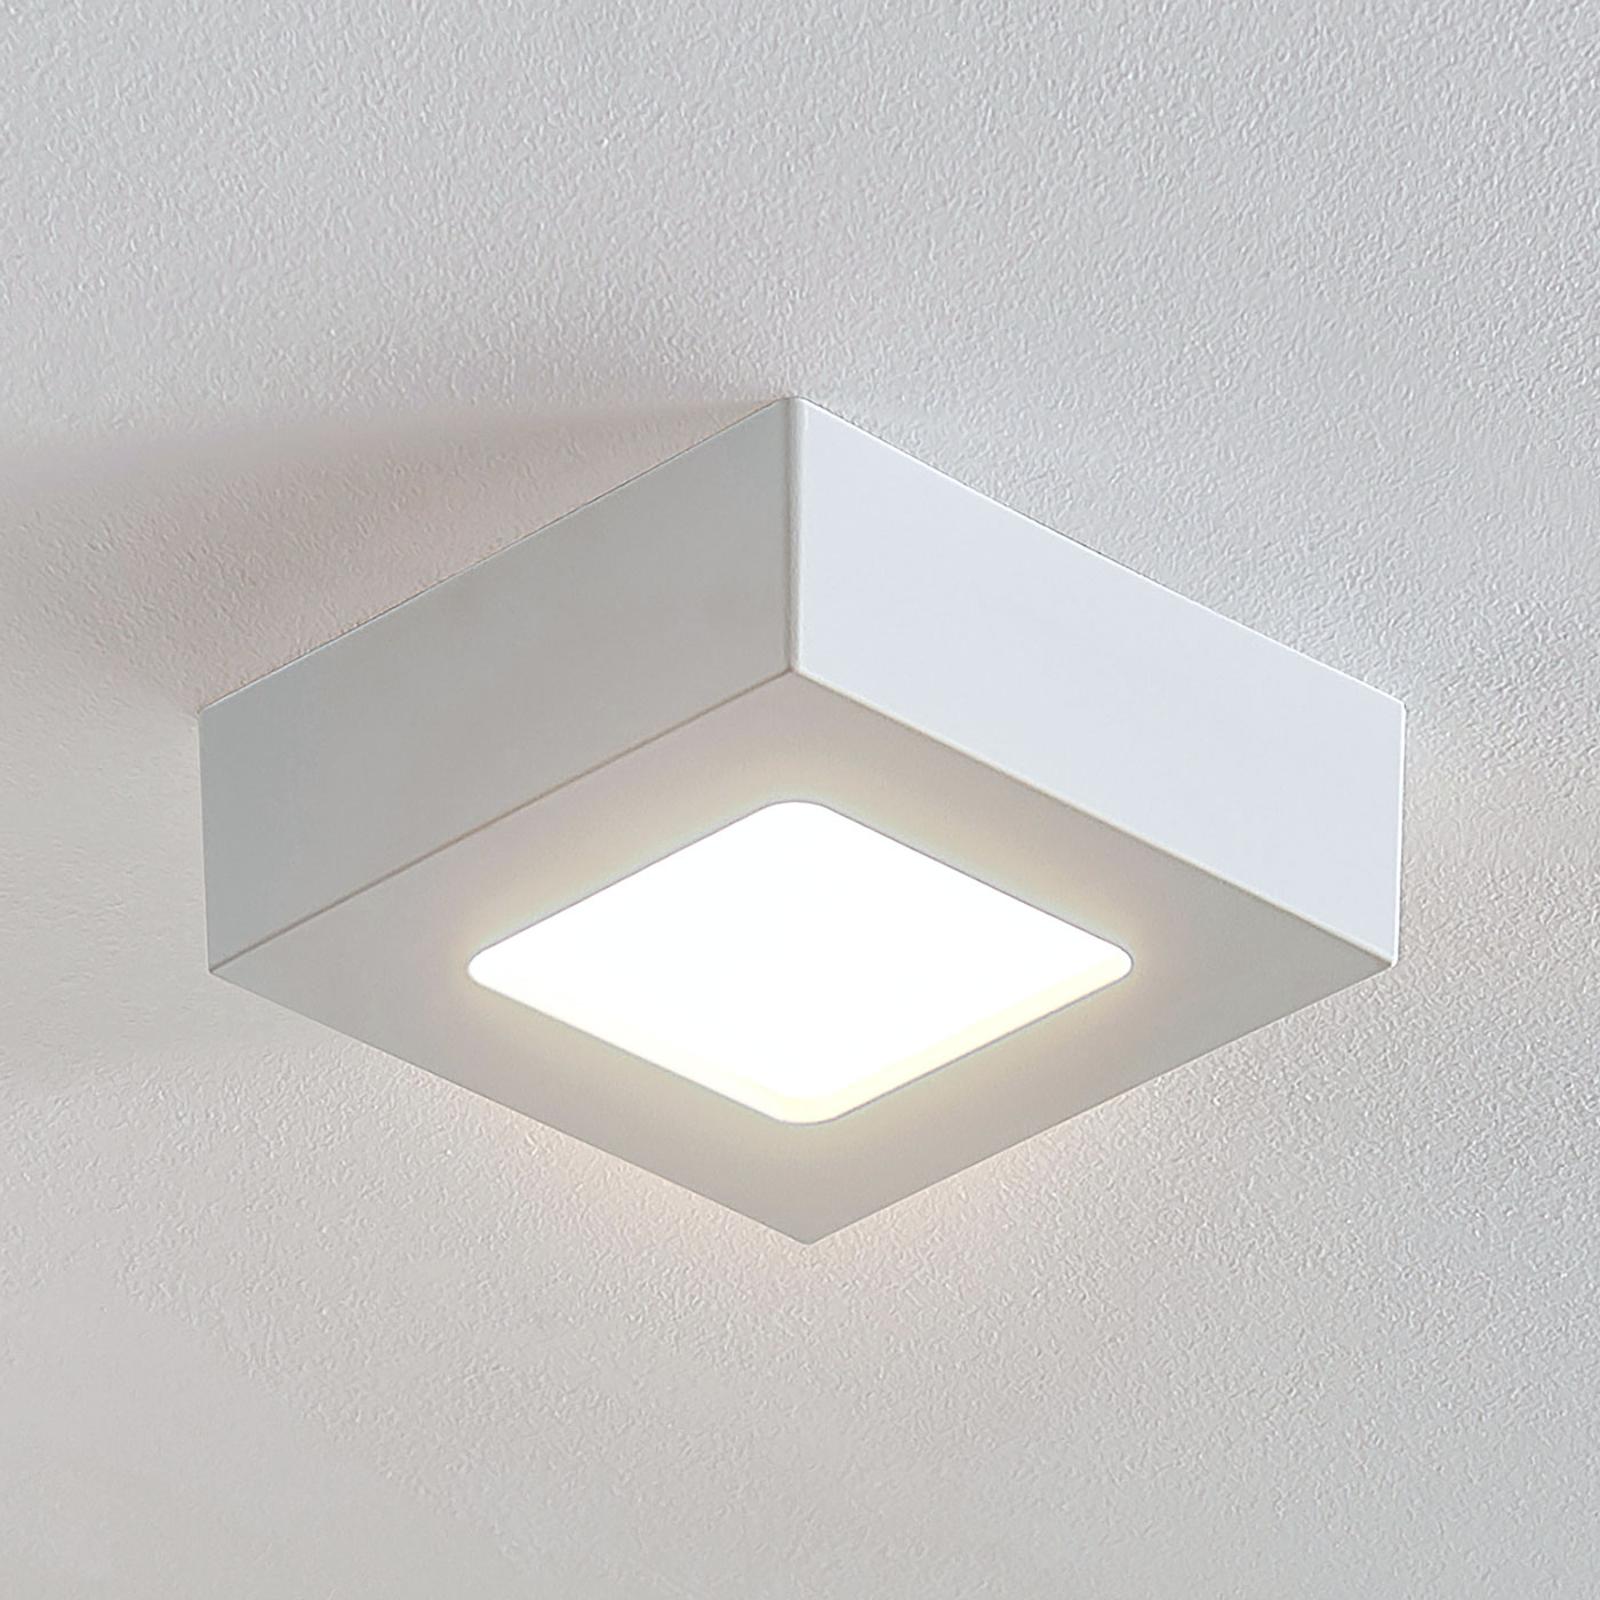 LED plafondlamp Marlo wit 3.000K hoekig 12,8 cm